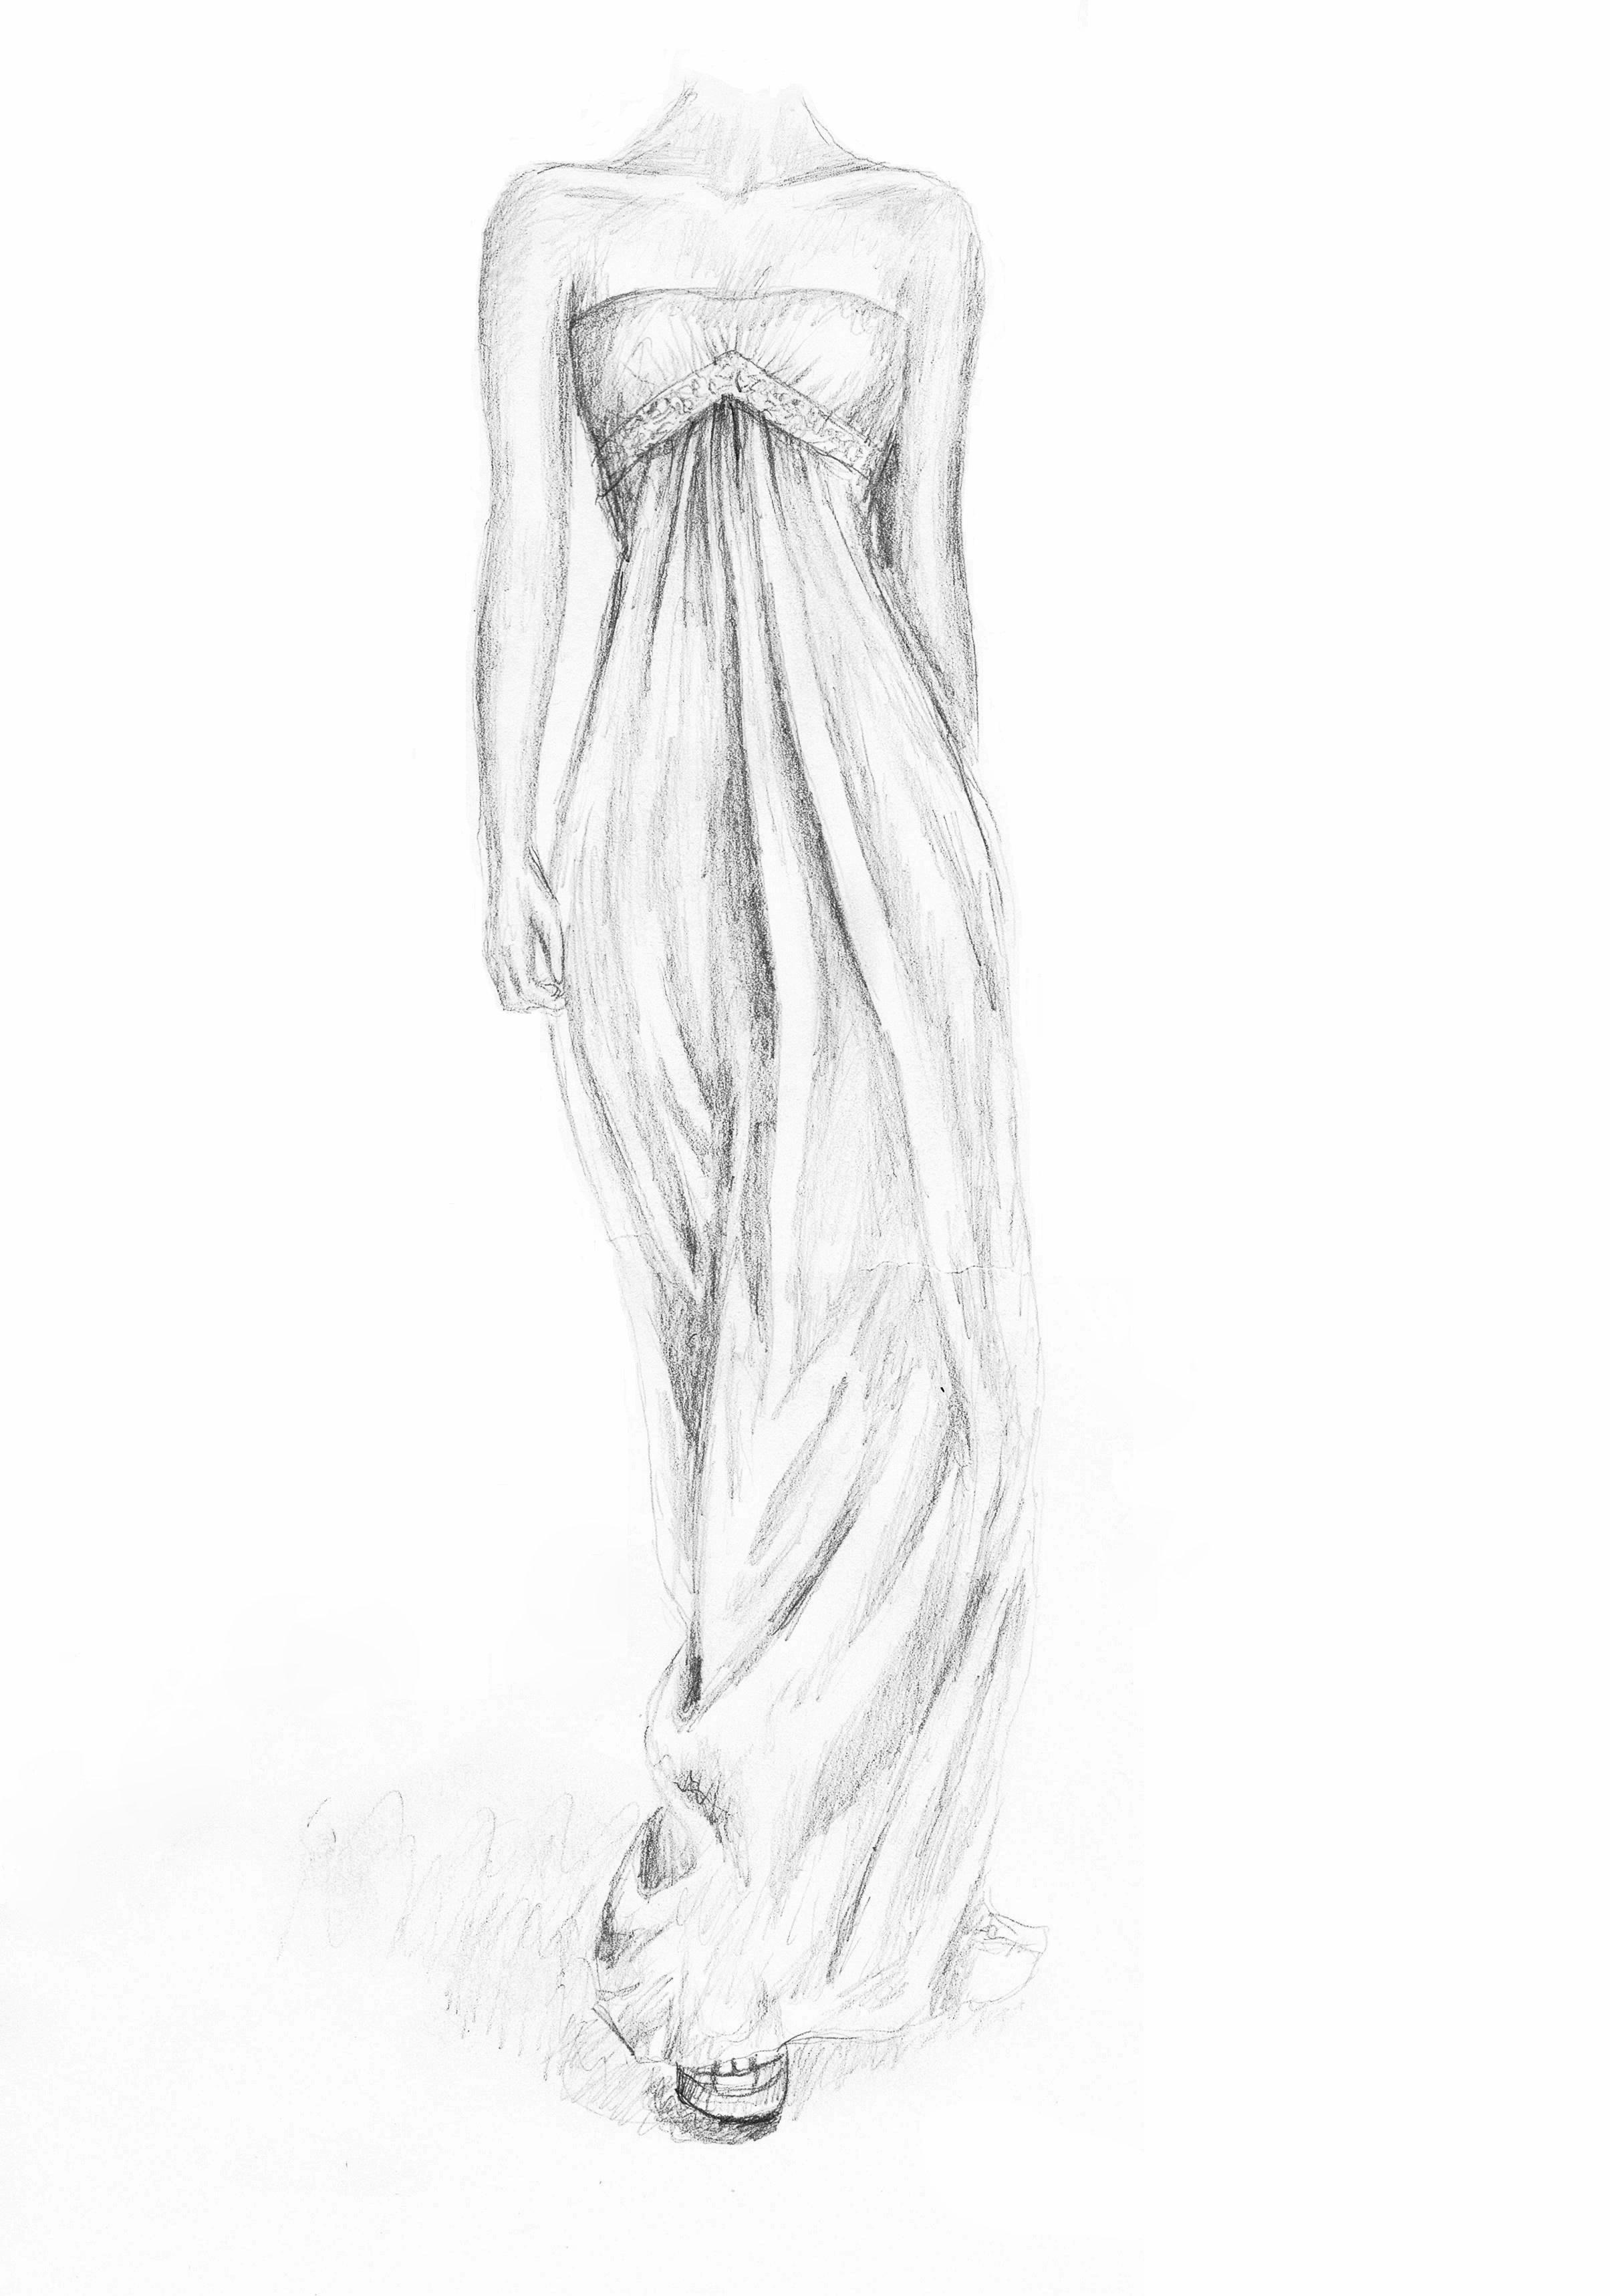 White dress drawing -  Drawing Chiffon Dress